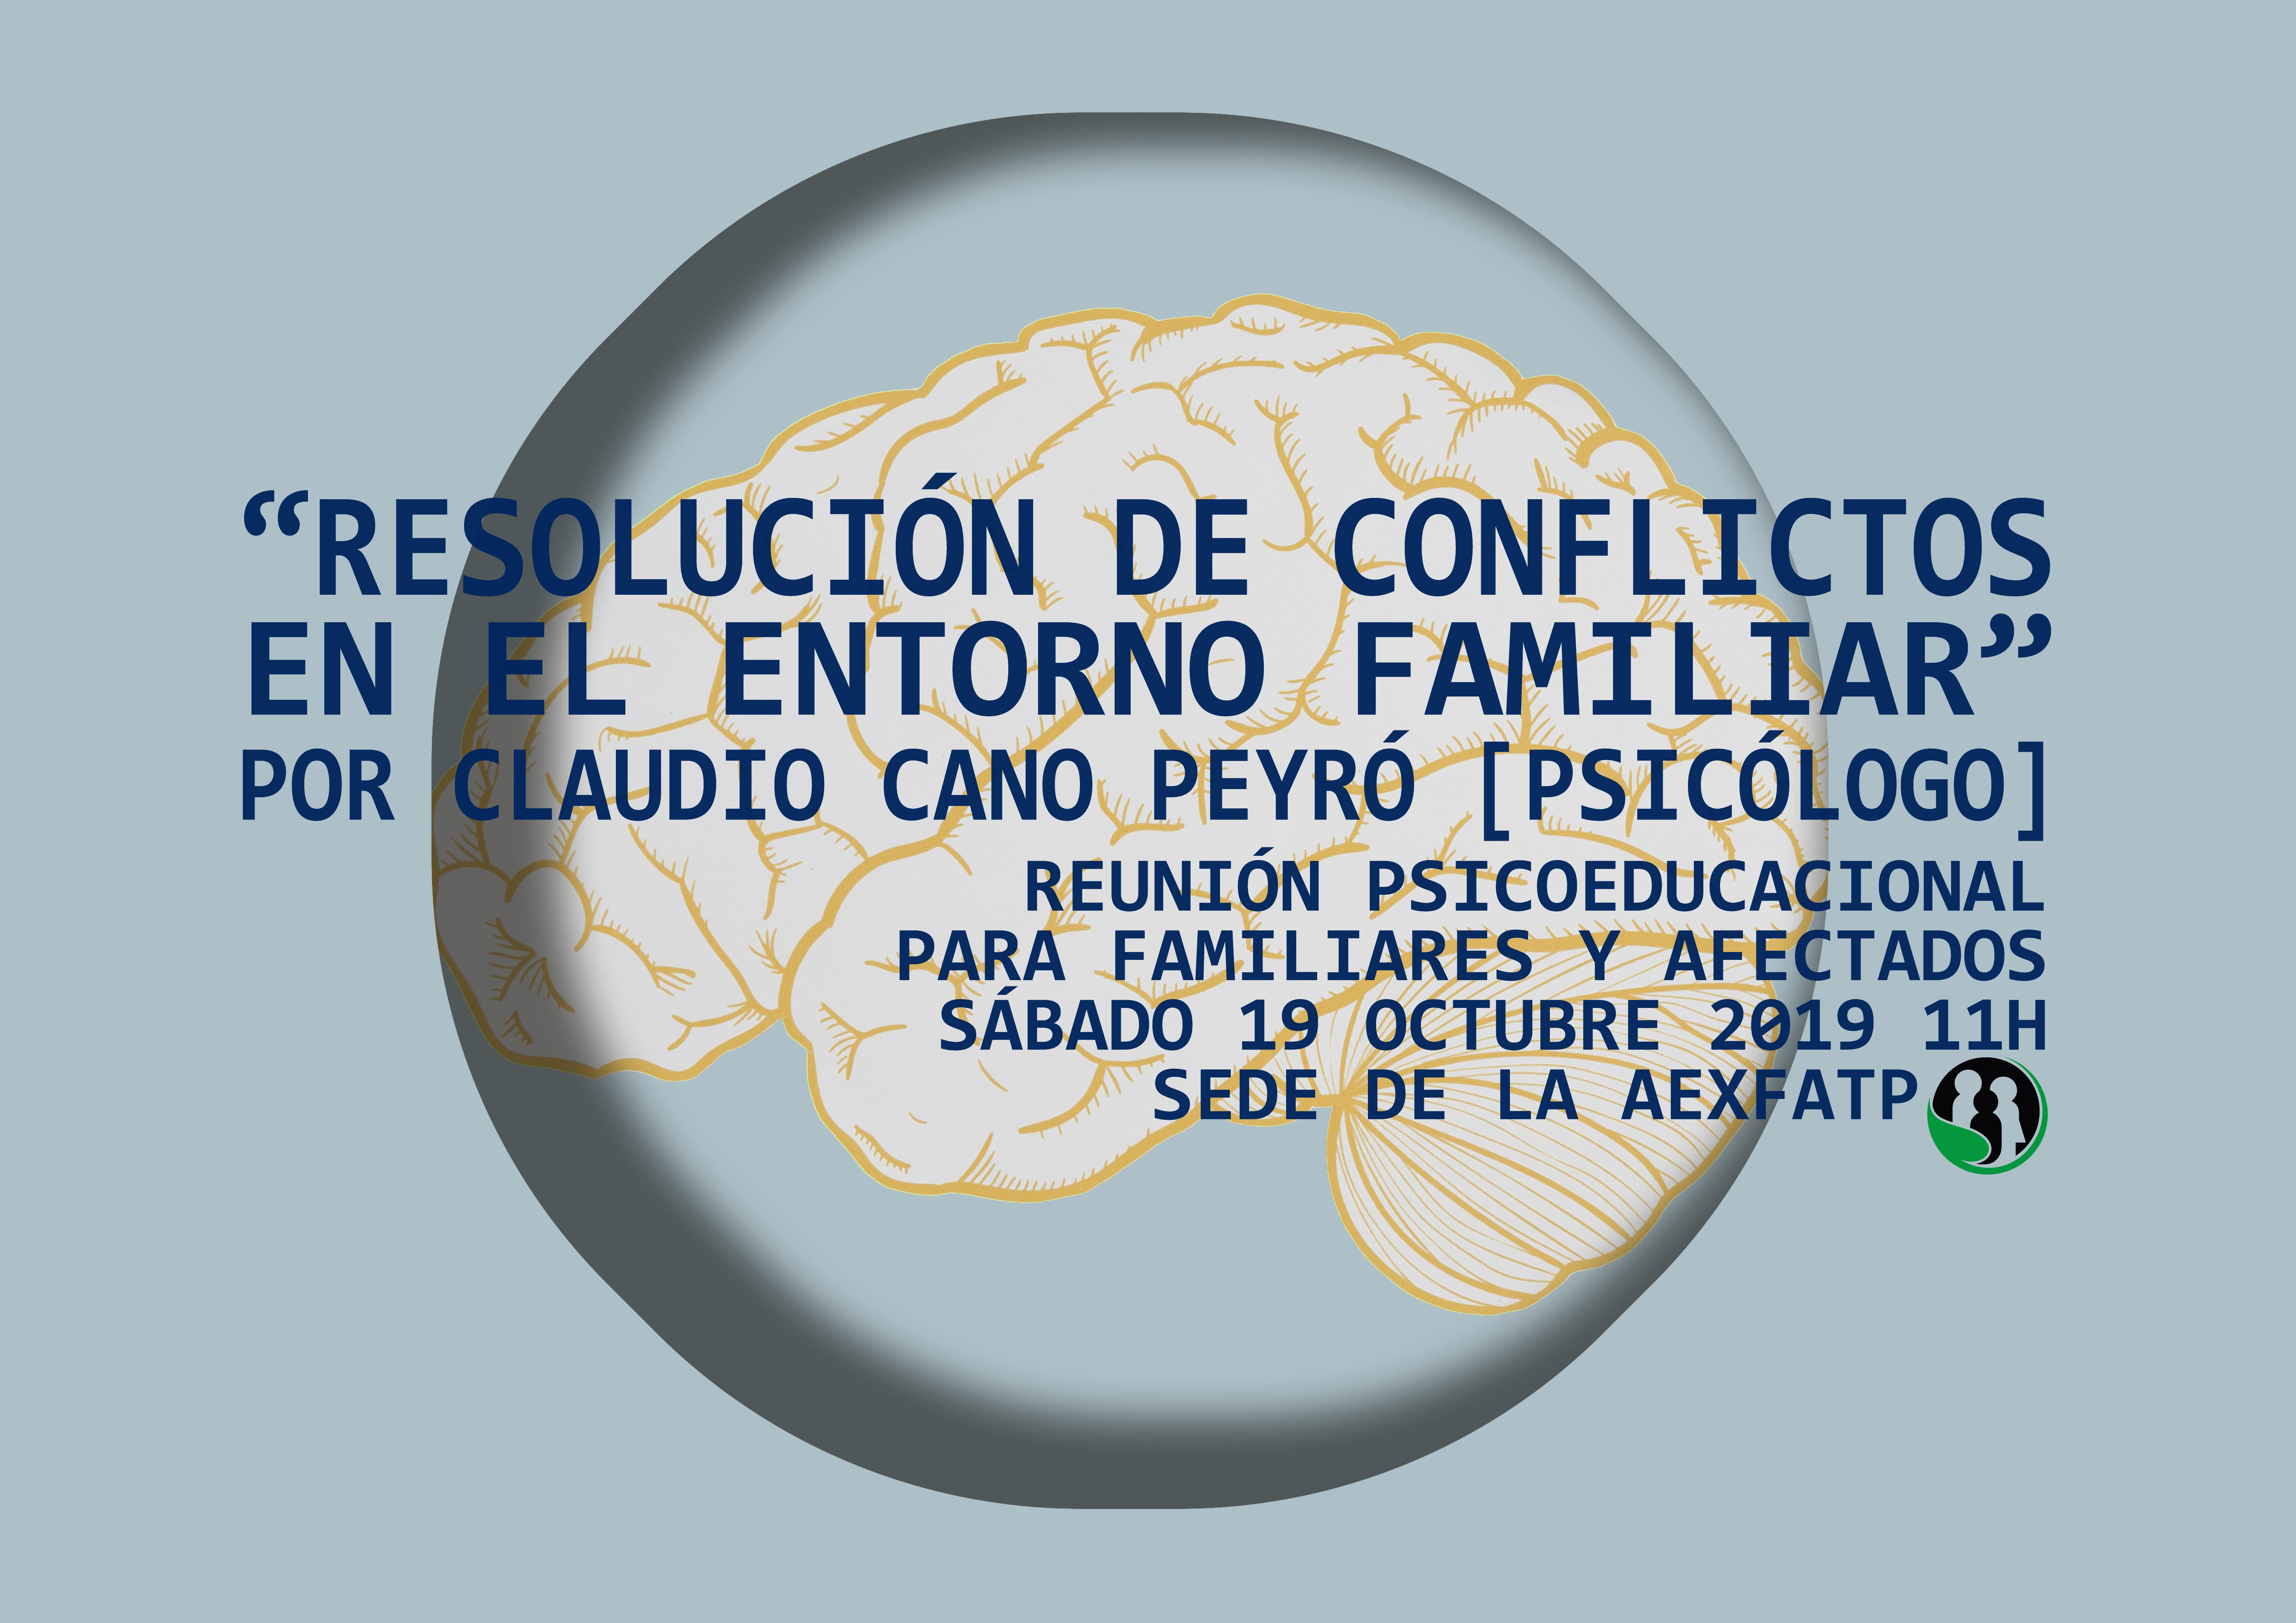 claudio cano_conflictos